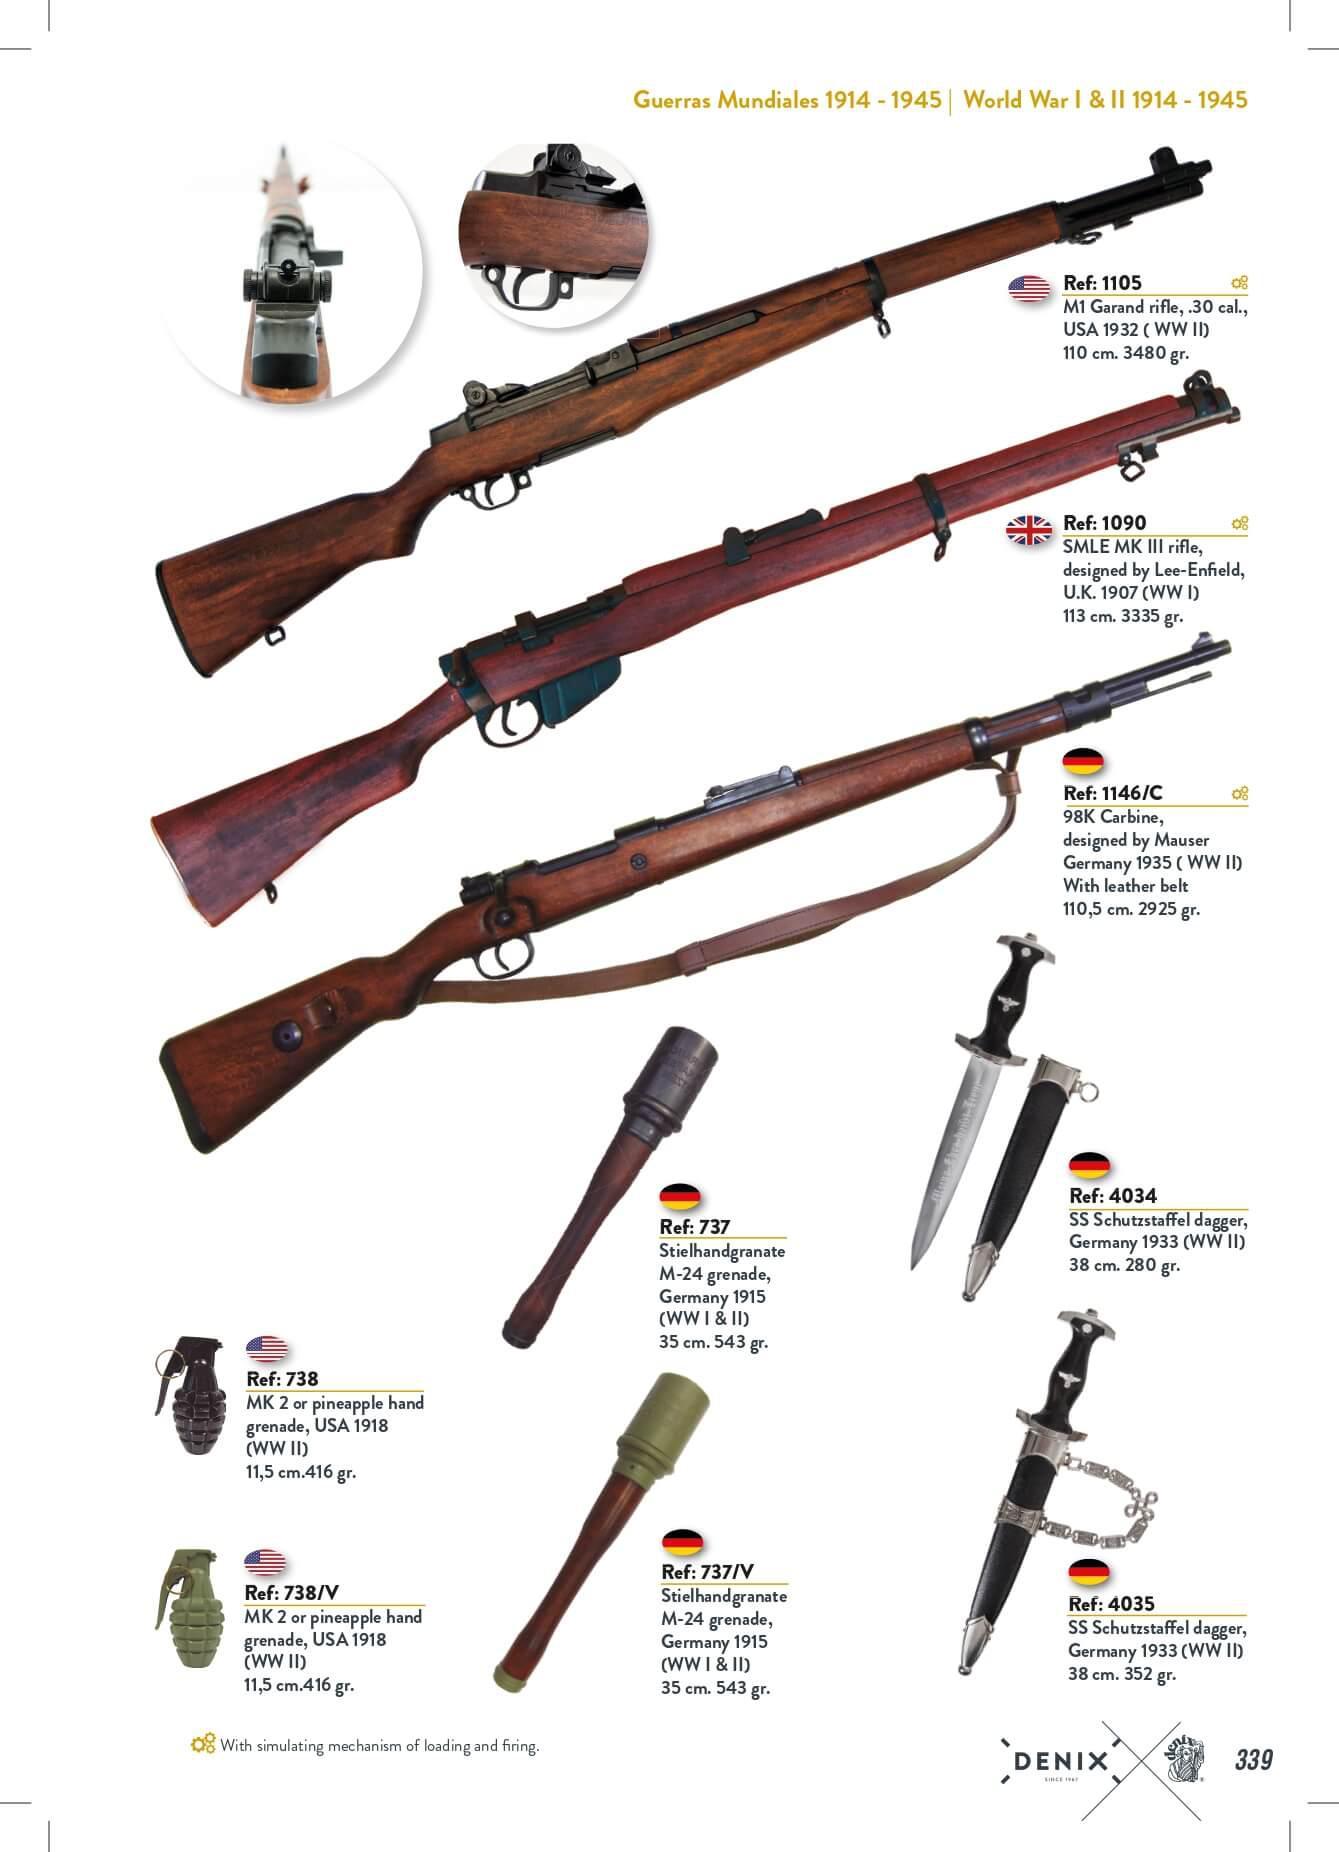 AMETRALLADORAS Y GRANADAS - arms antique replicas - Denix